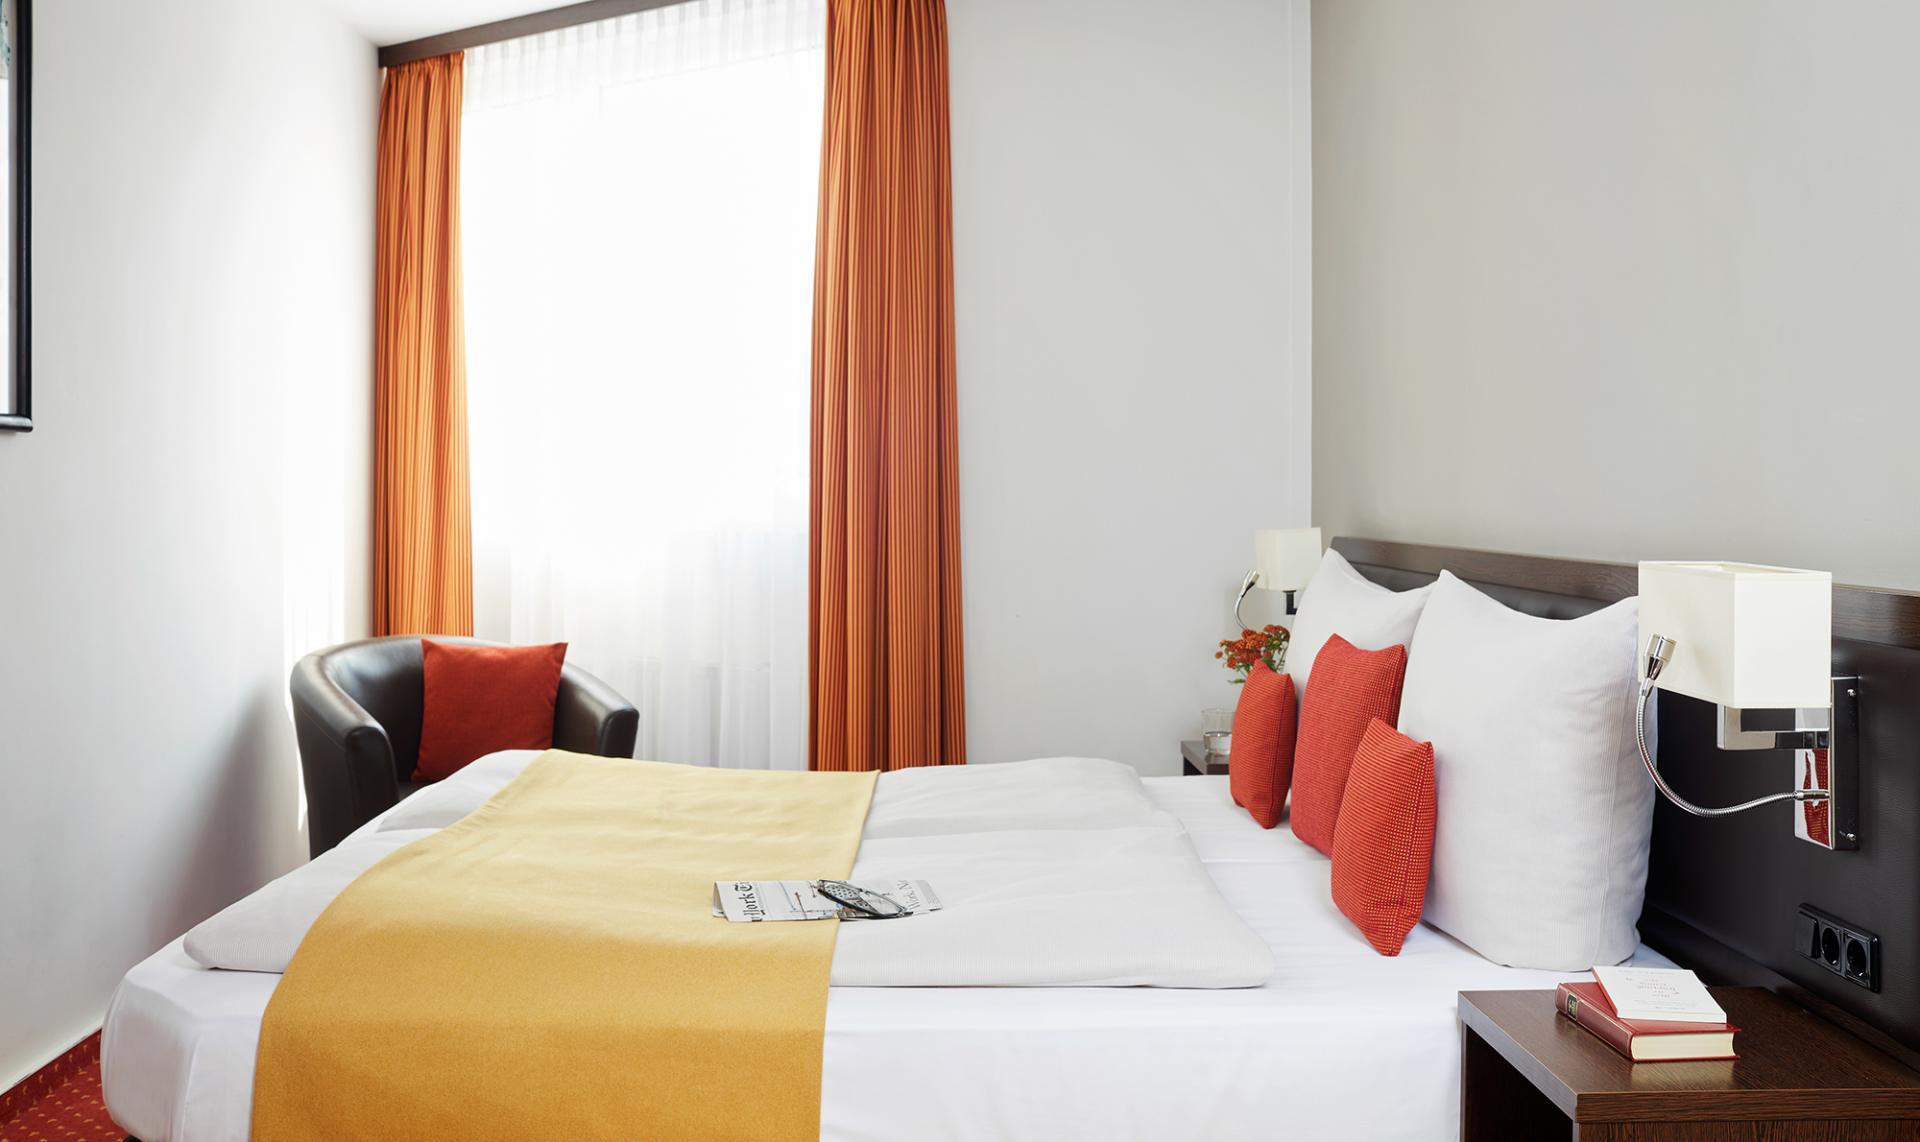 2 bedroom apartment at Living Hotel Deutschen Museum Apartments, Haidhausen, Munich